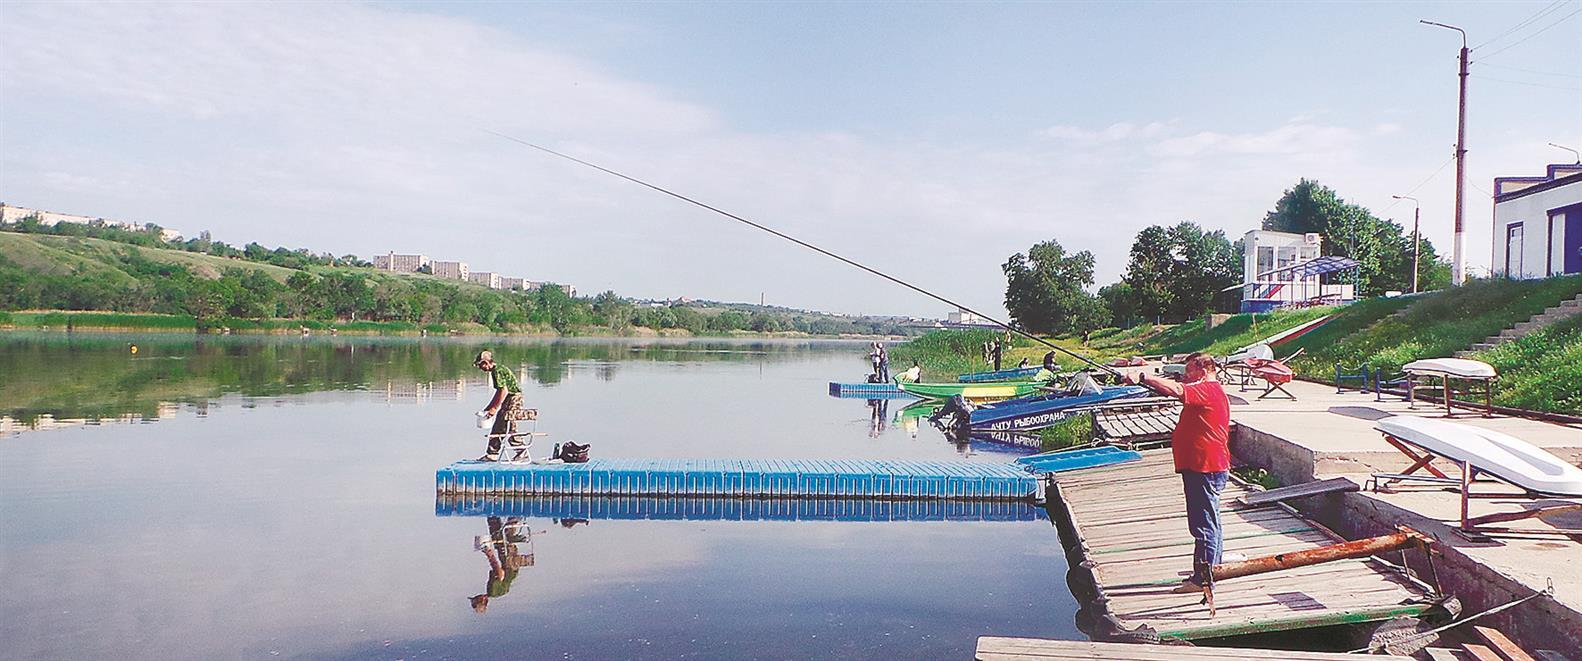 Коксовское сельское поселение заняло первое место в рыбной ловле